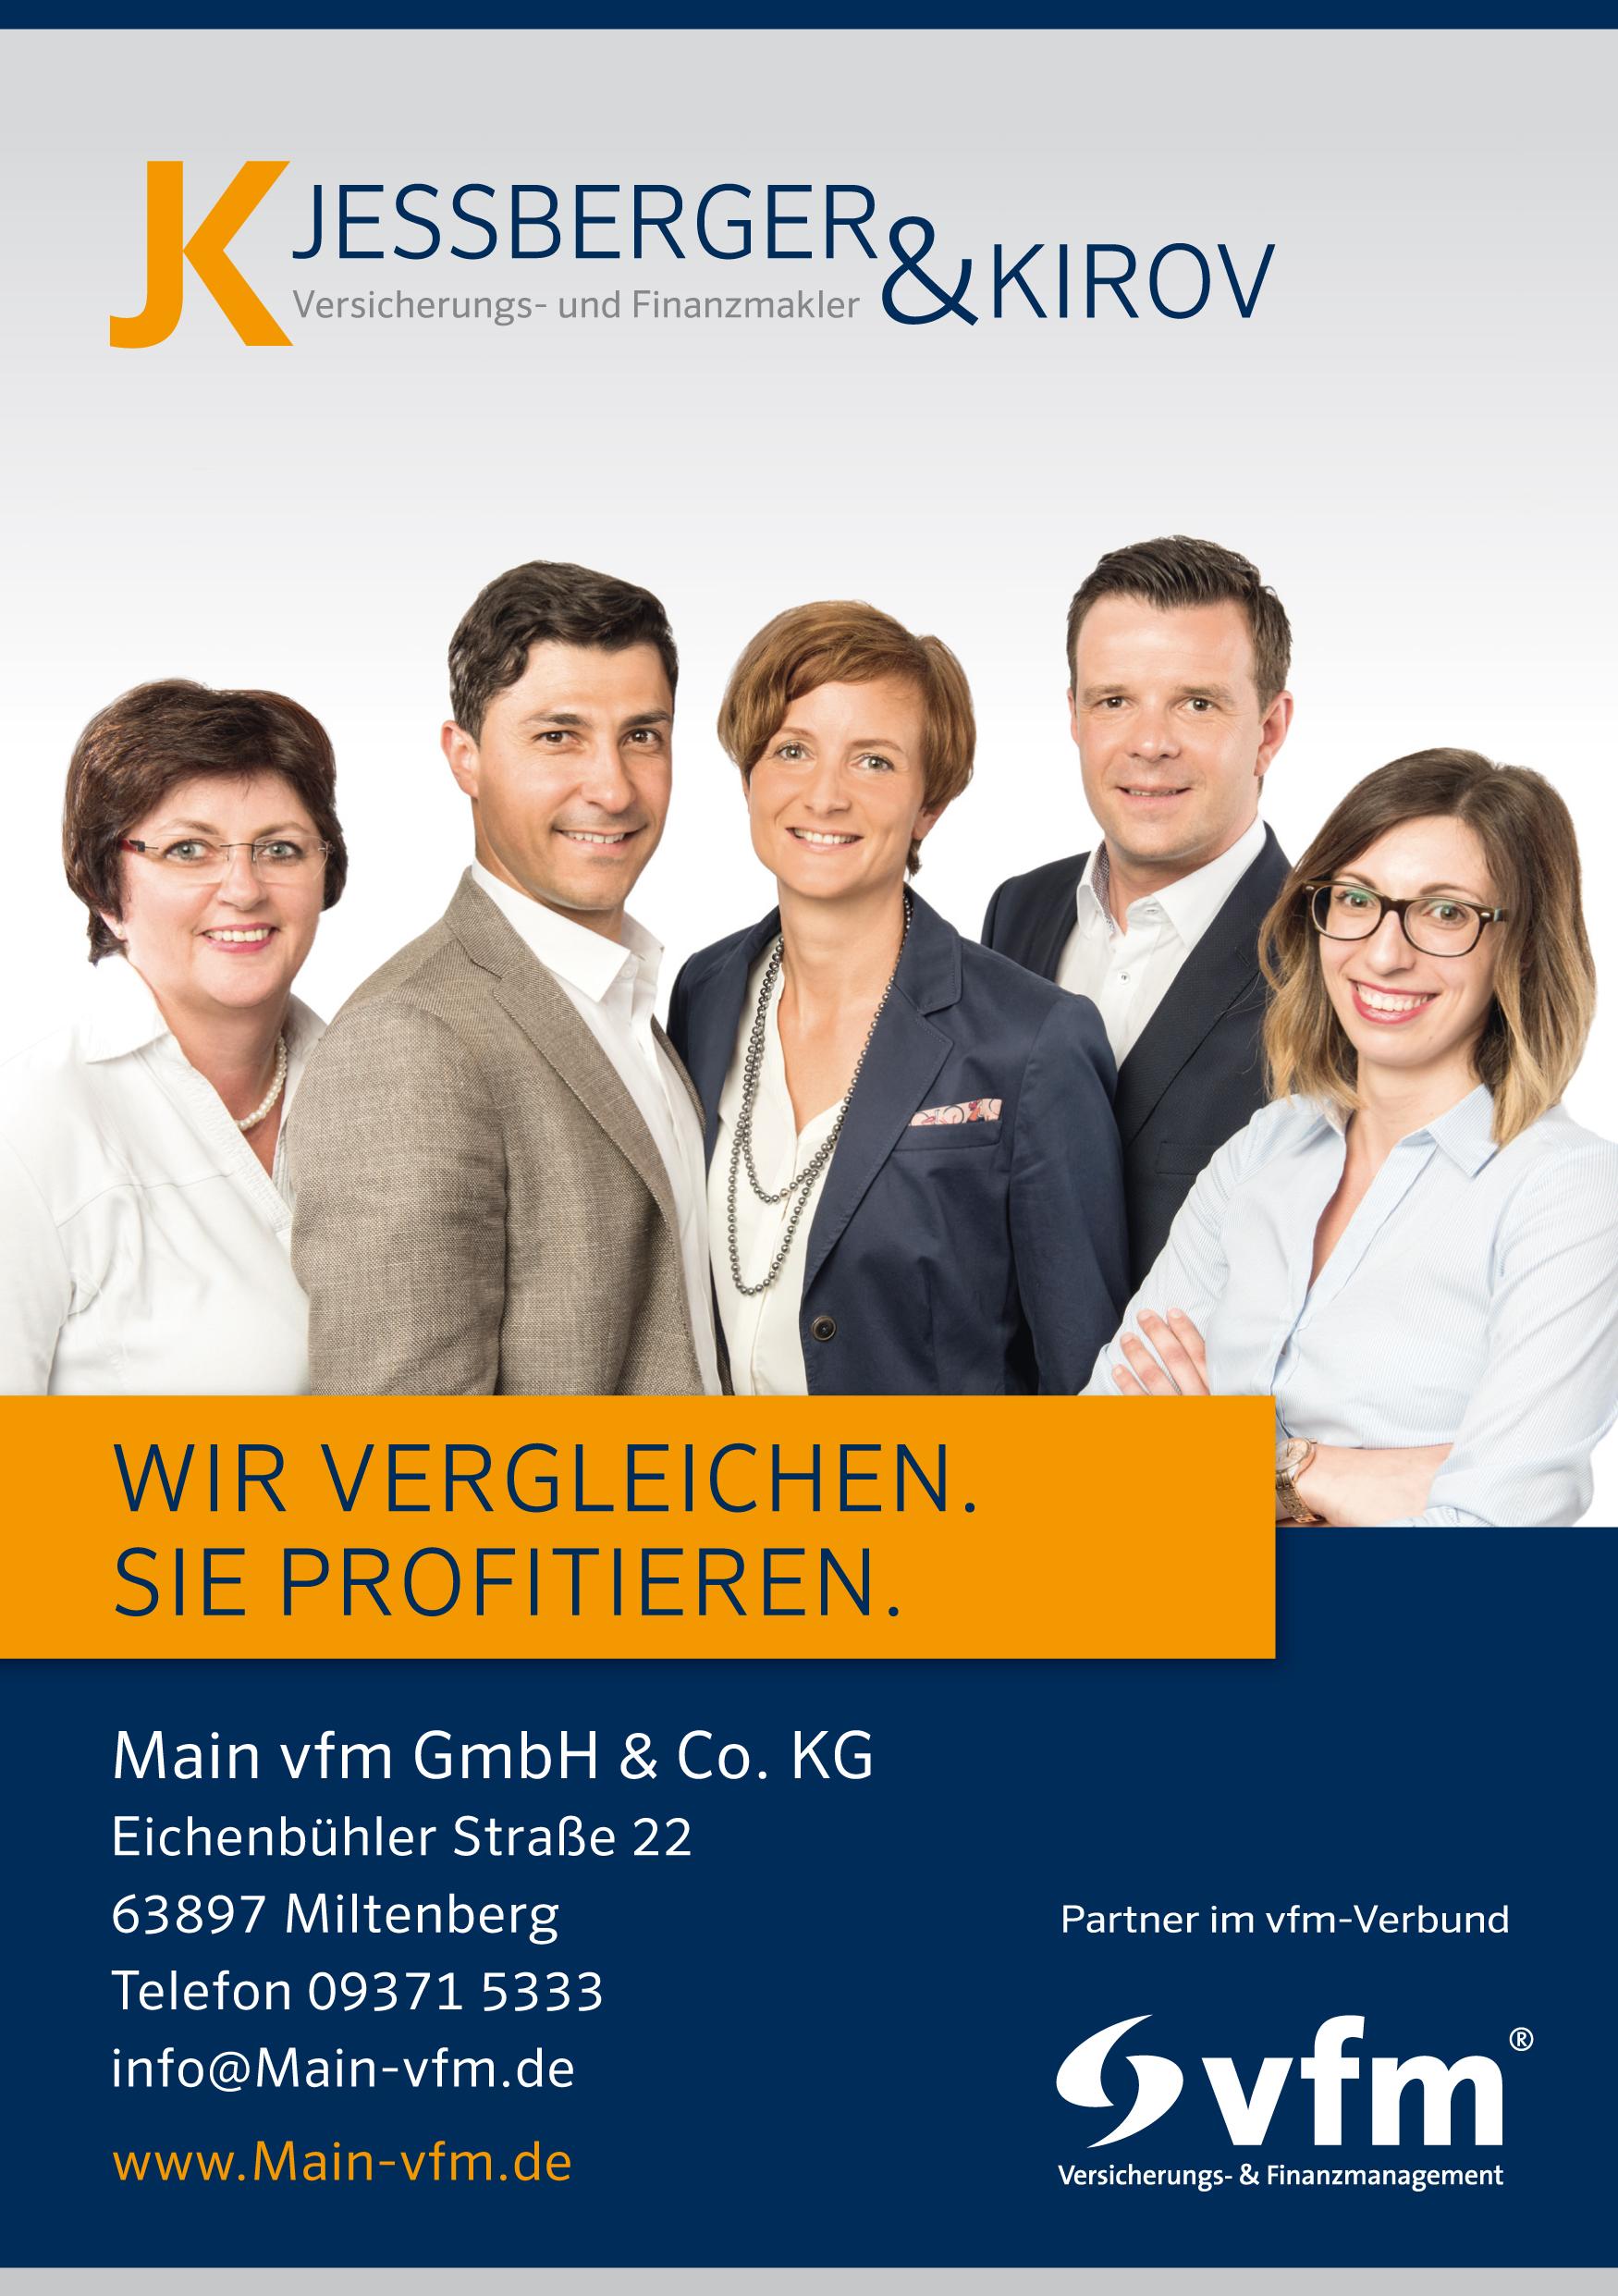 MAIN VFM GMBH & CO. KG MILTENBERG